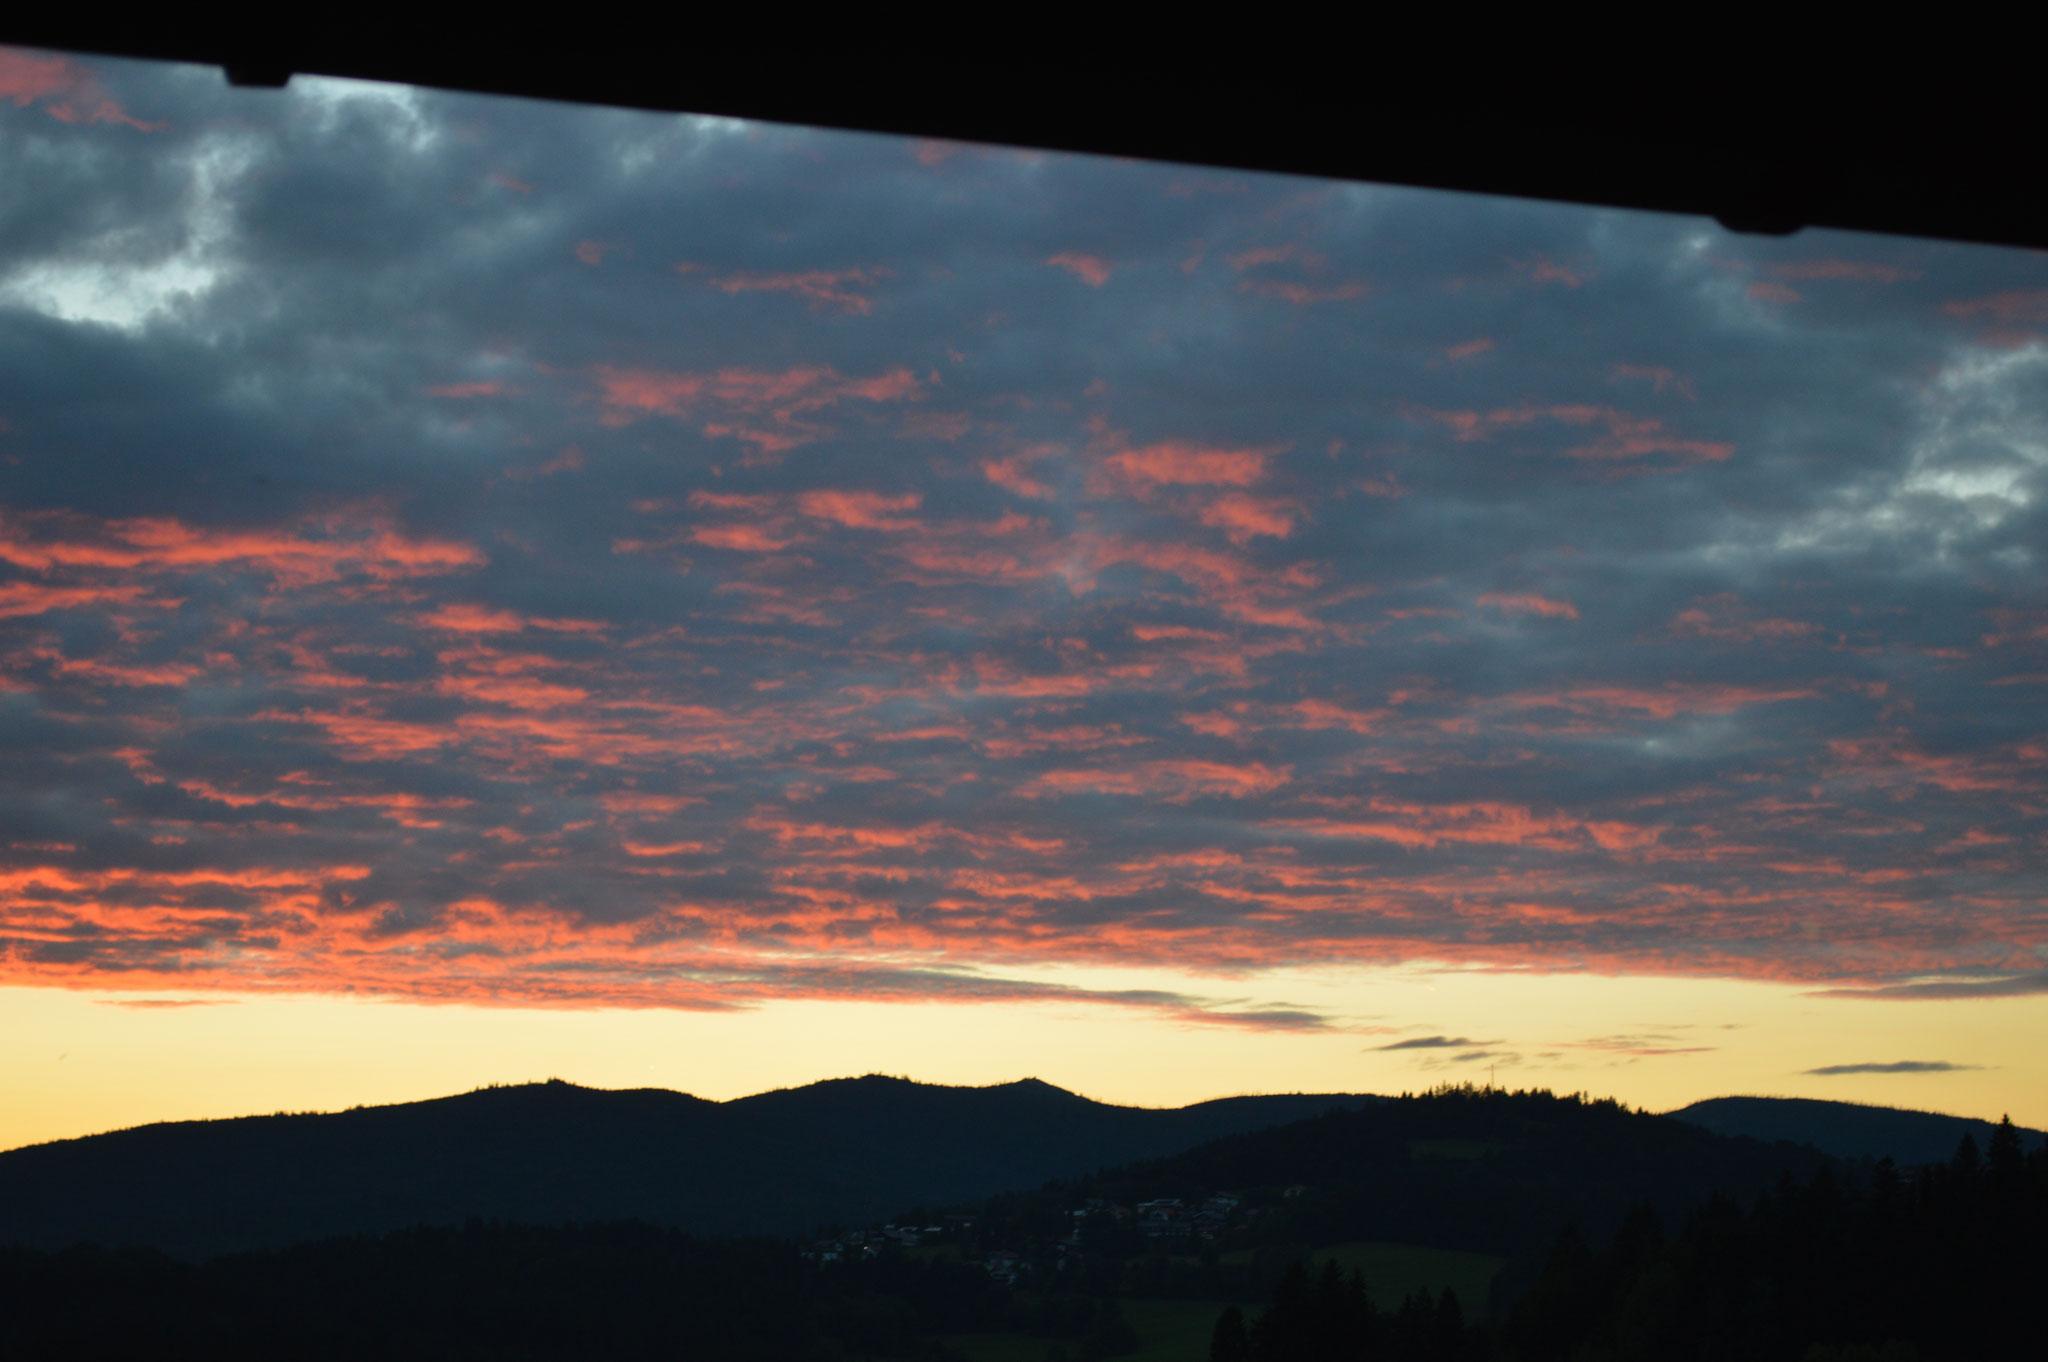 Inspirierende Sonnenuntergänge  von unserer Ferienwohnung aus (Aufnahme 13.08.2017